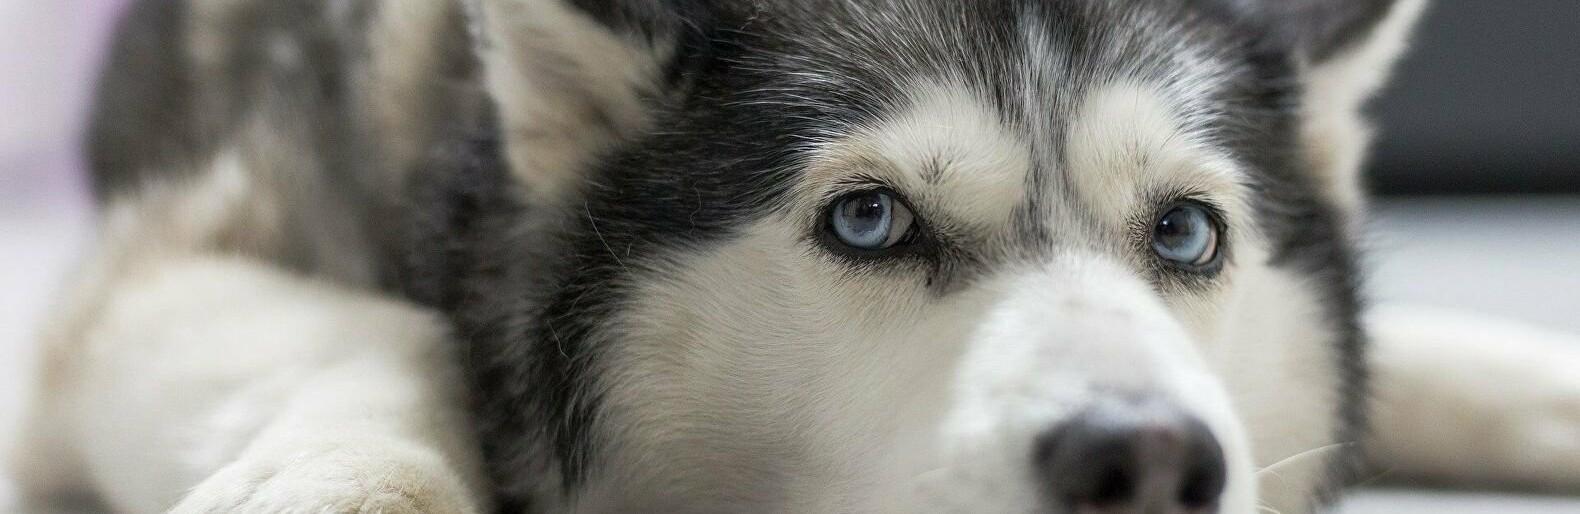 В Одесской области мужчина жестоко избил собаку, - ФОТО0